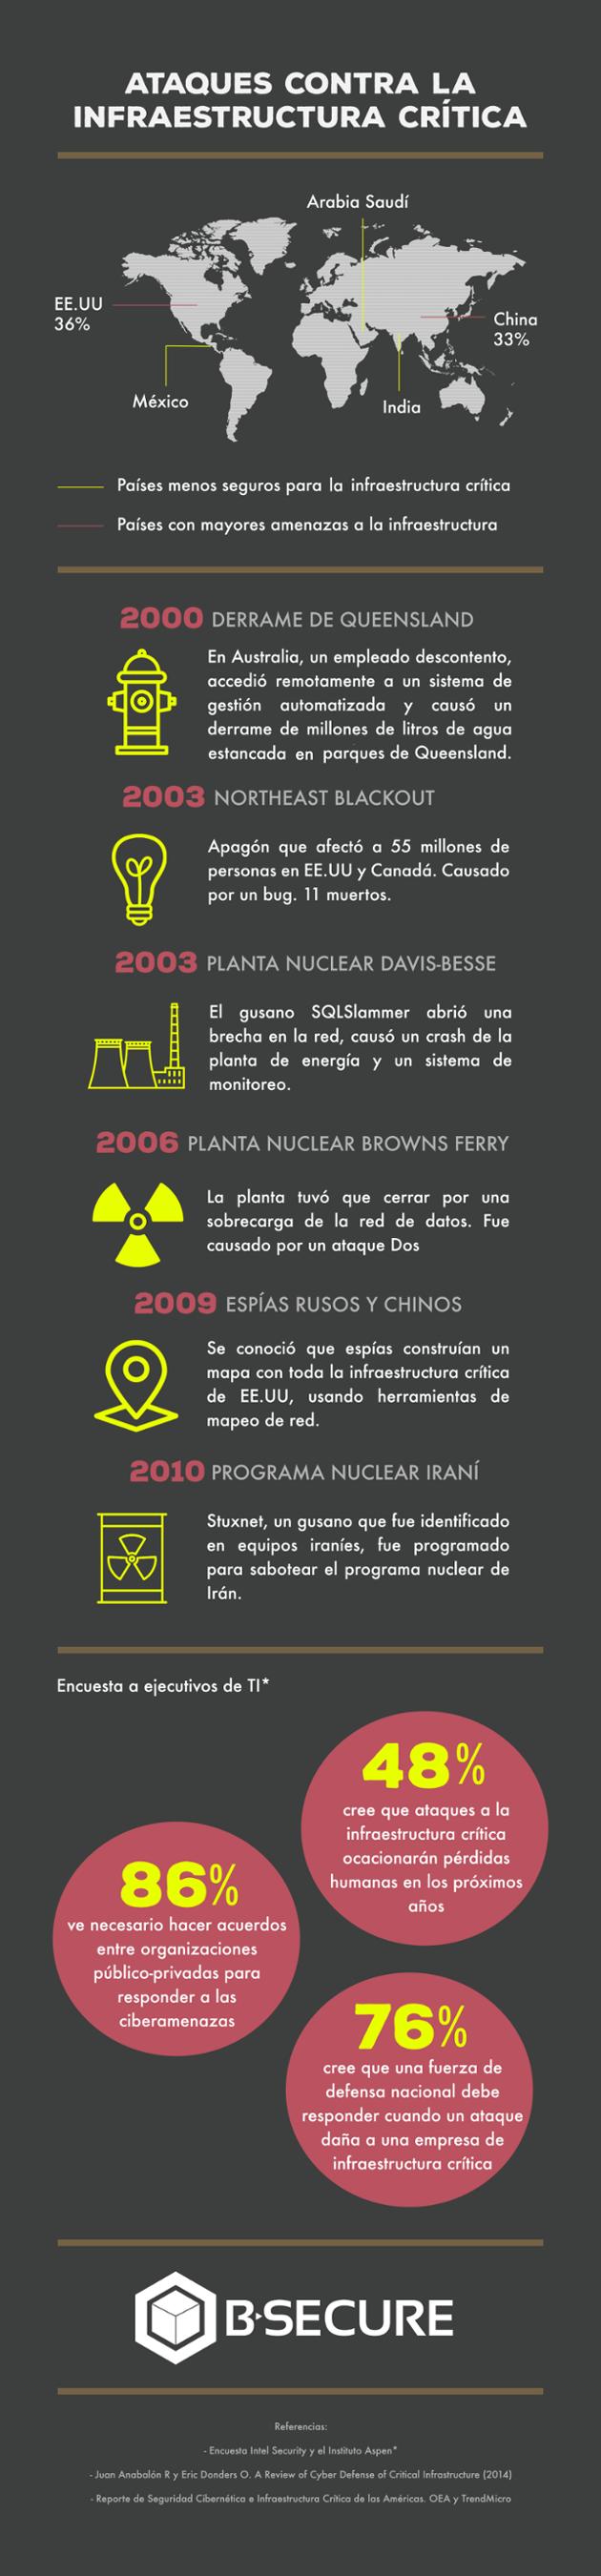 Infraestructura-critica-infografía